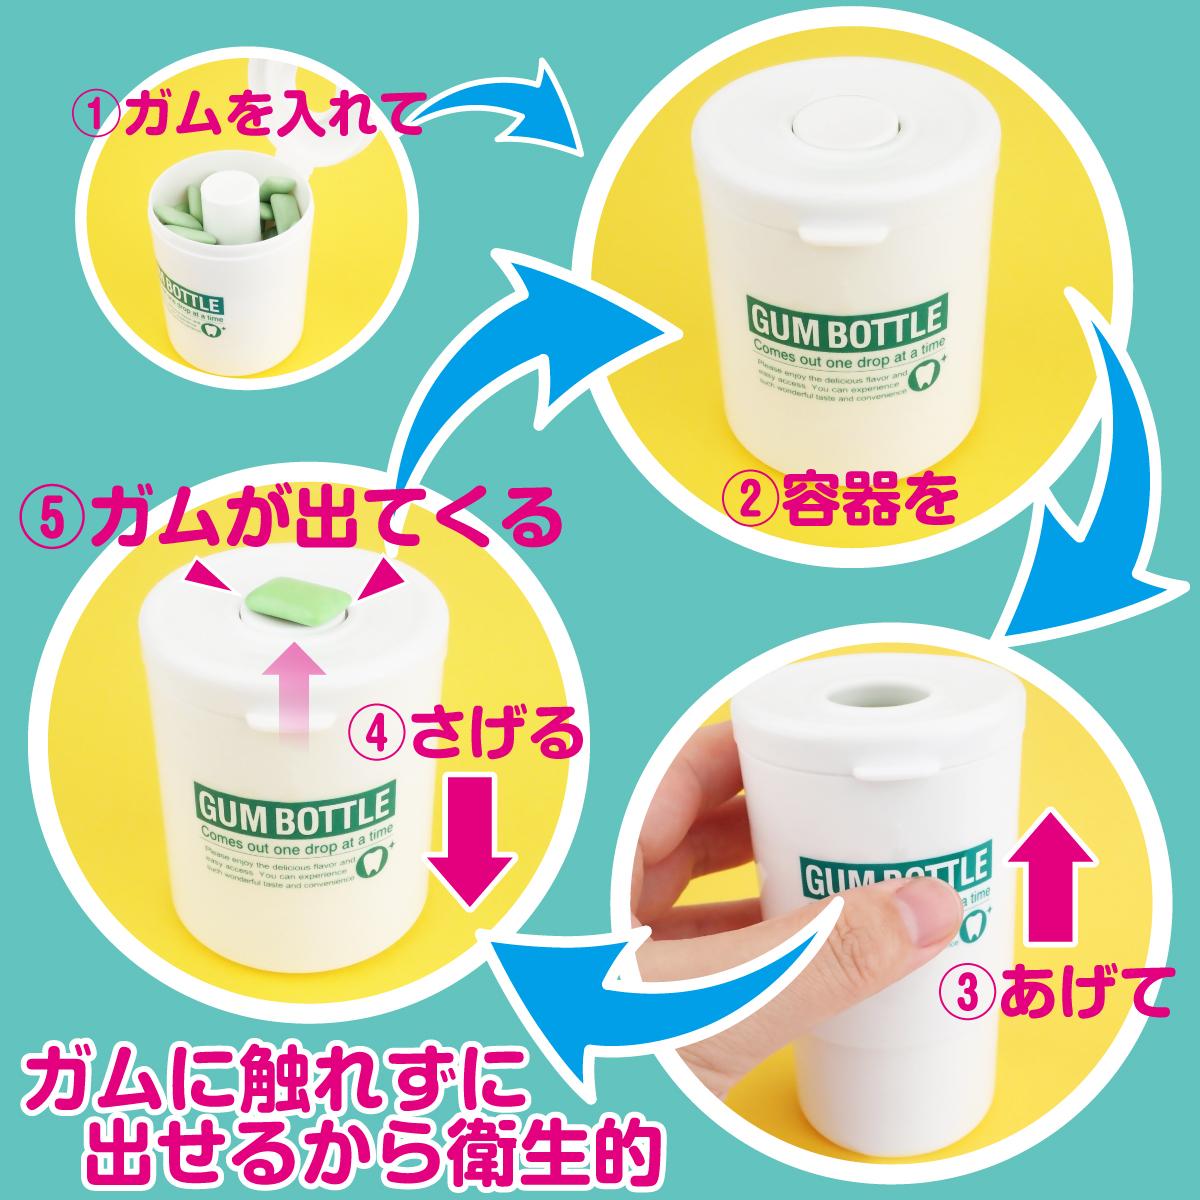 Gum Bottle โหลที่สามารถหยิบหมากฝรั่งได้โดยไม่เปื้อนมือ